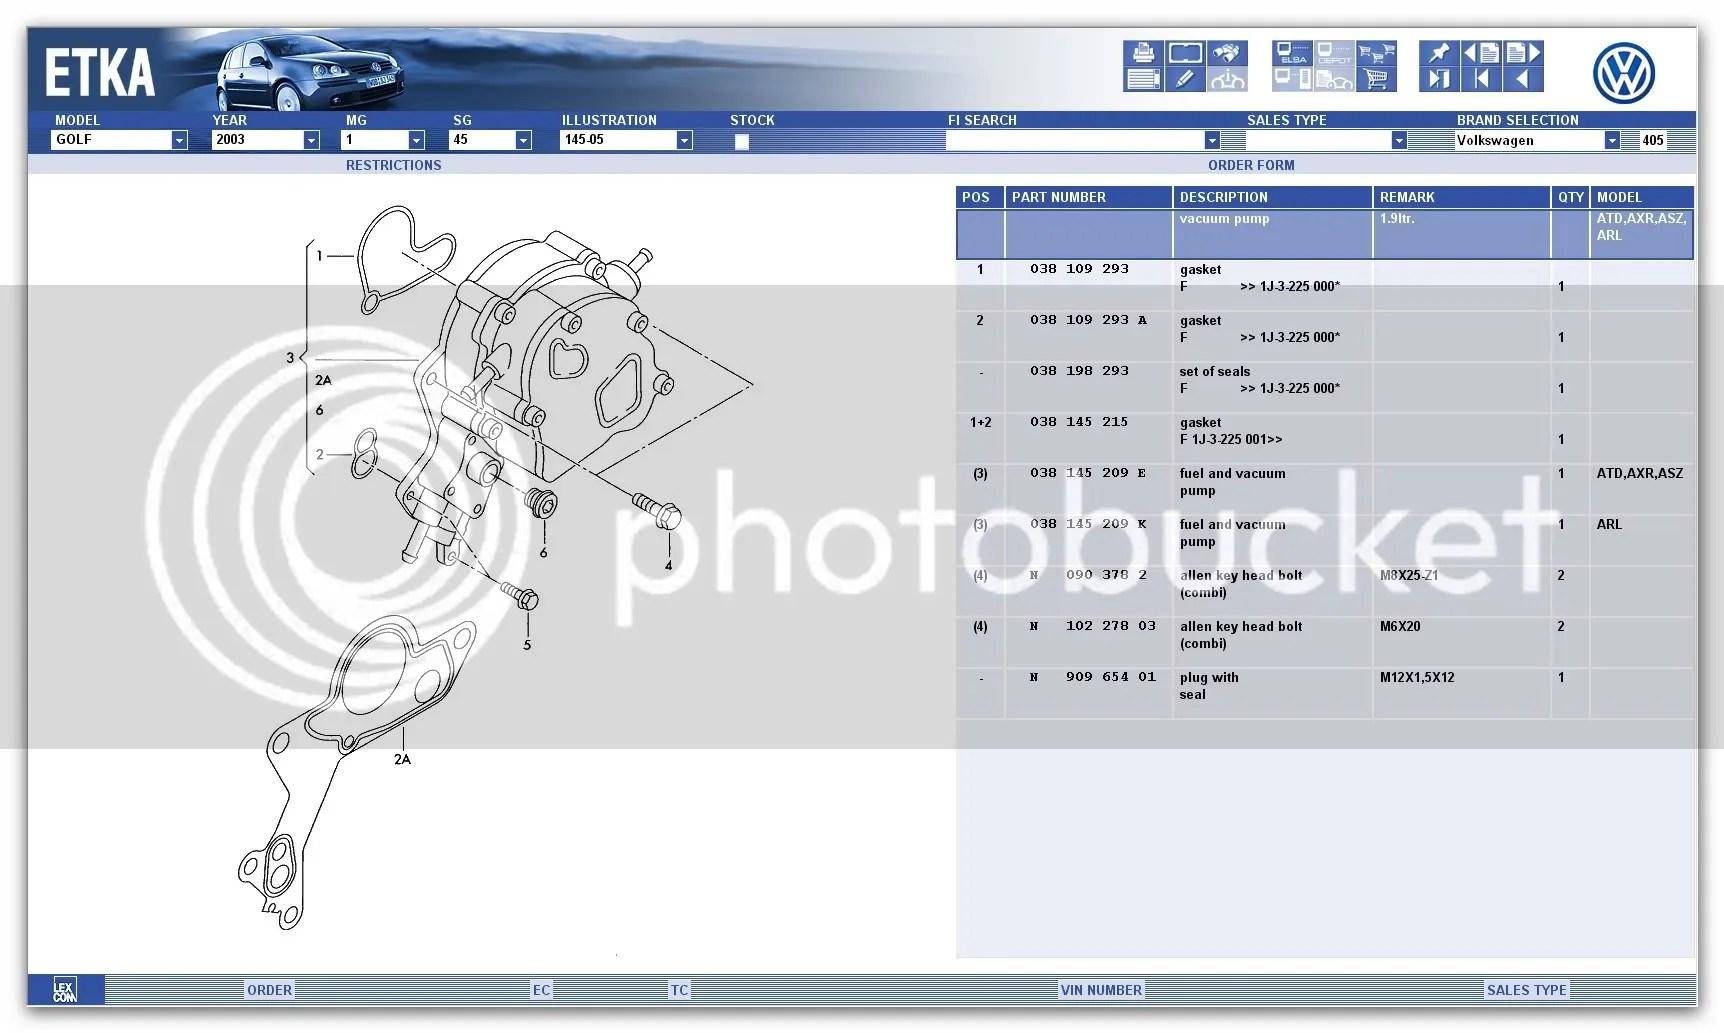 vw golf mk4 parts diagram bmw r25 3 wiring tdi engine manual